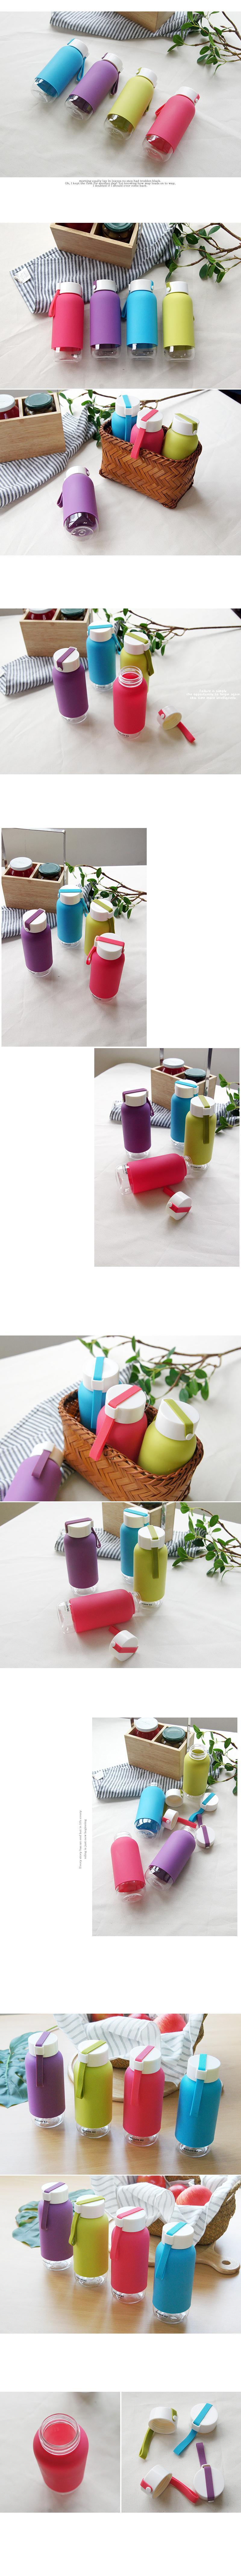 DS-메이슨 텀블러 B2 4color - 리빙톡톡, 6,800원, 보틀/텀블러, 플라스틱 텀블러